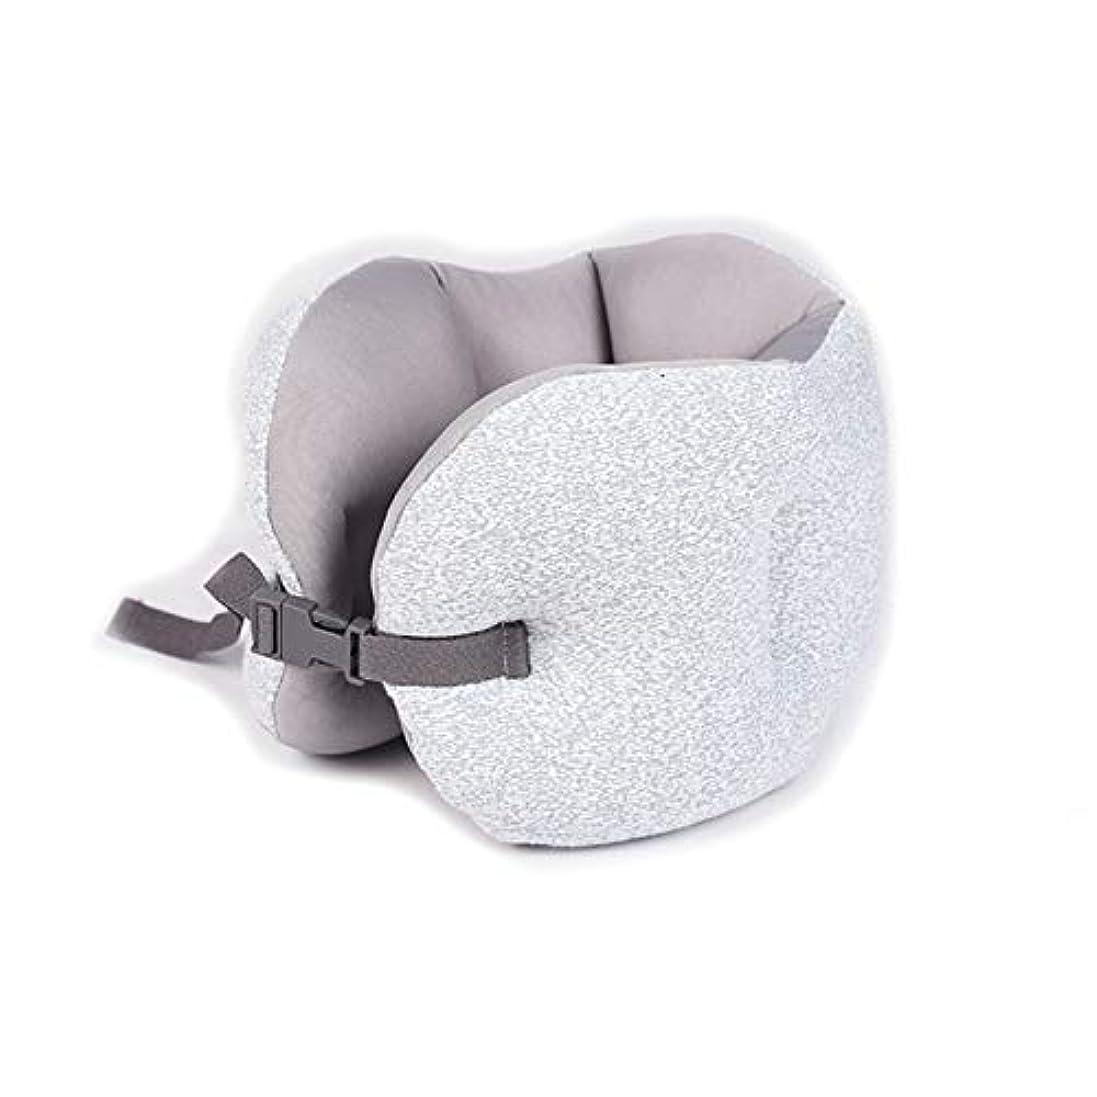 私たちのもの上へ広告するSMART ホームオフィス背もたれ椅子腰椎クッションカーシートネック枕 3D 低反発サポートバックマッサージウエストレスリビング枕 クッション 椅子